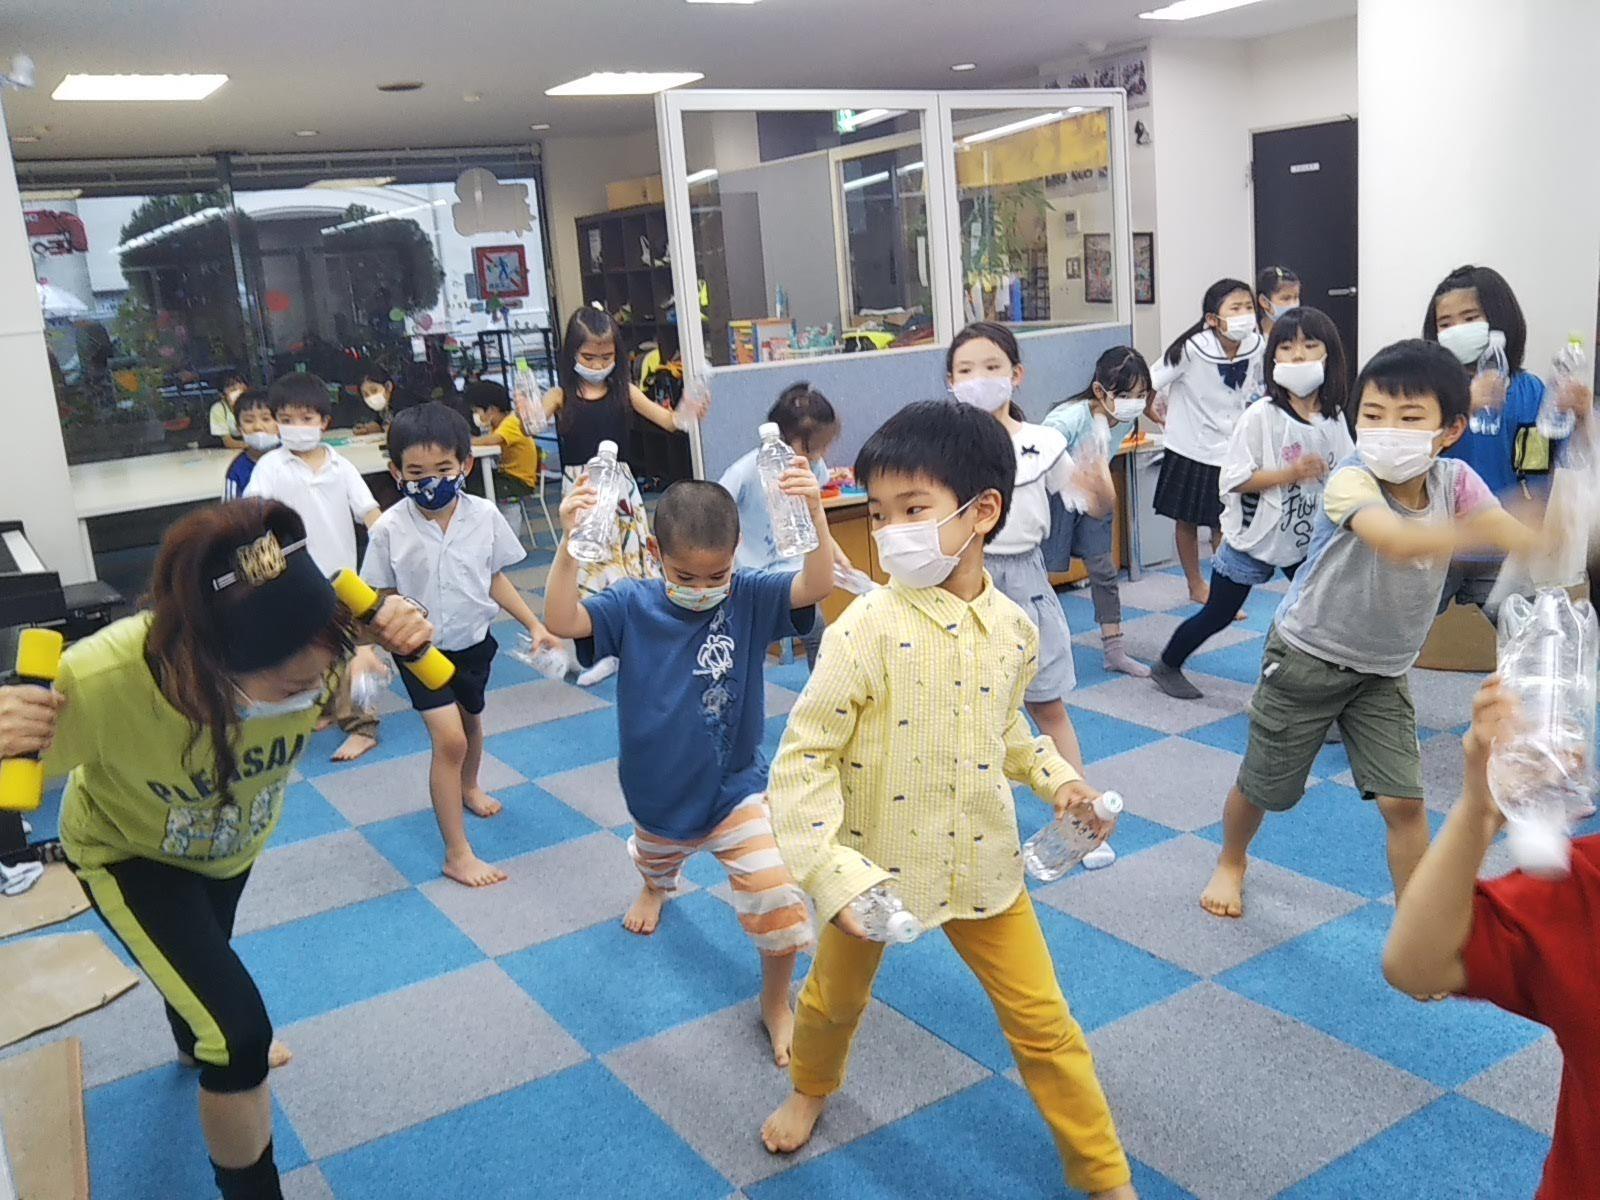 7月15日 Dance  Event ☆ ペットボトルで Dancing!_c0315908_11393625.jpg